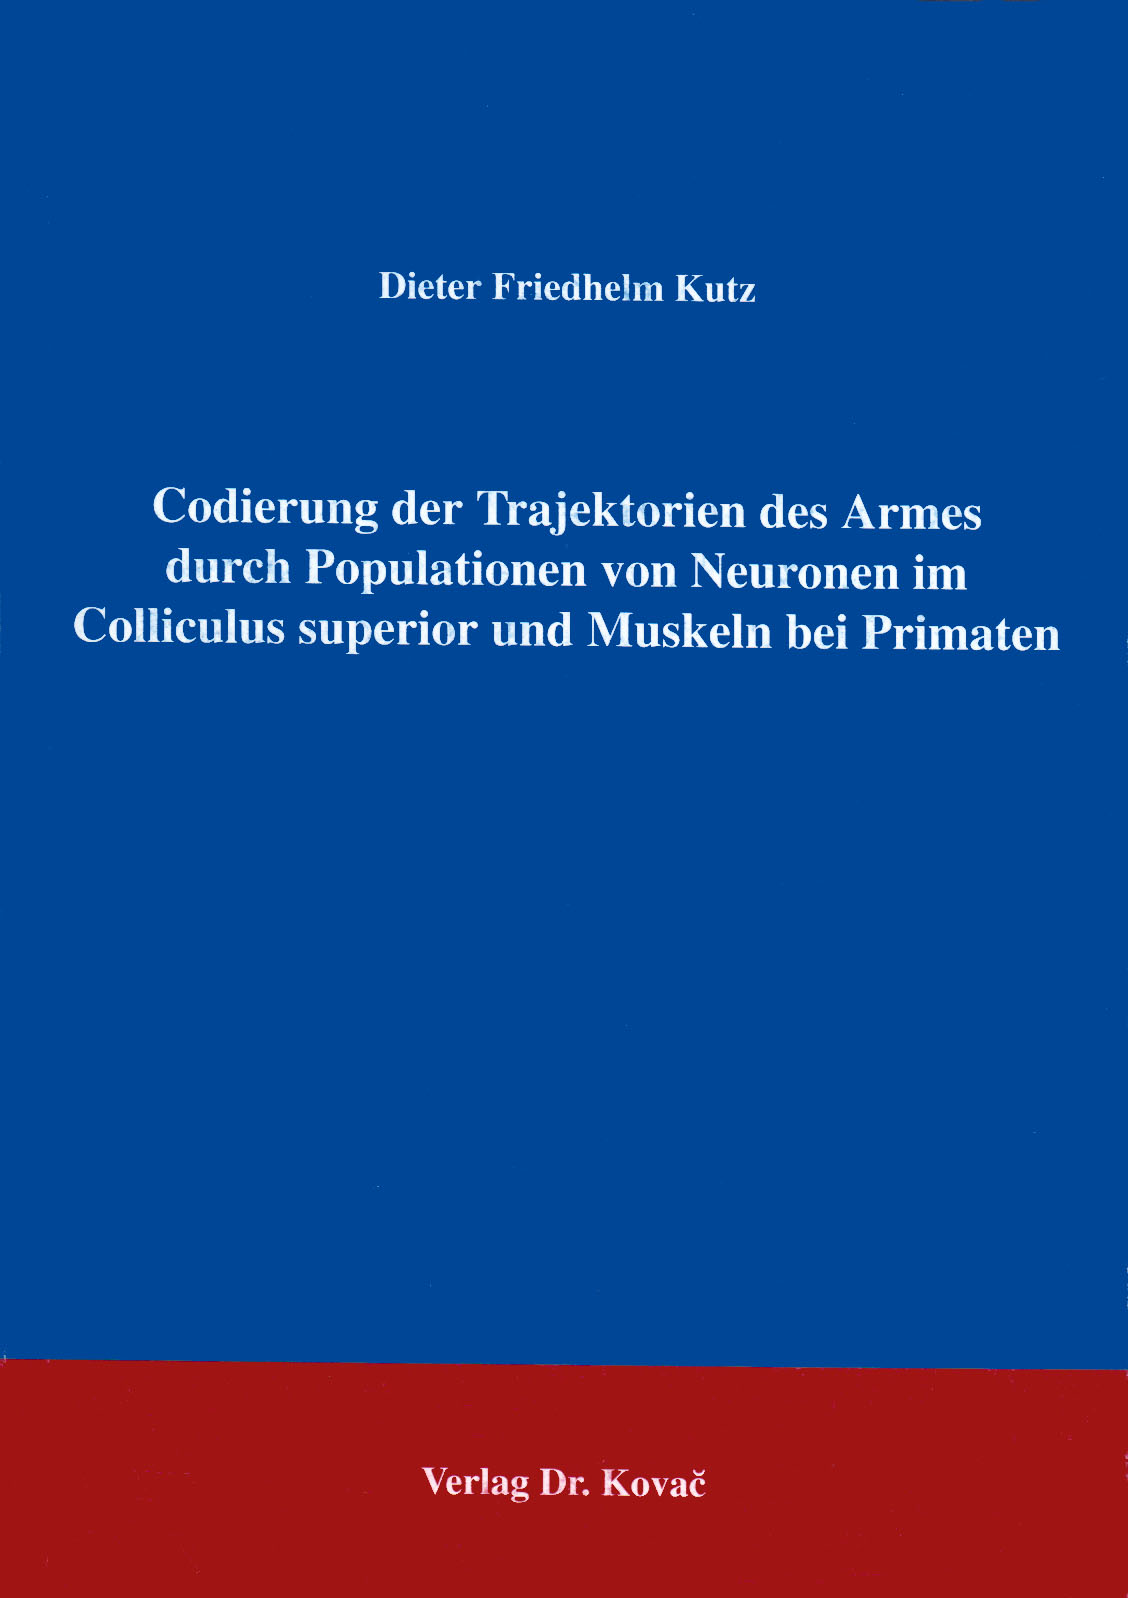 Cover: Codierung der Trajektorien des Armes durch Populationen von Neuronen im Colliculus superior und Muskeln bei Primaten